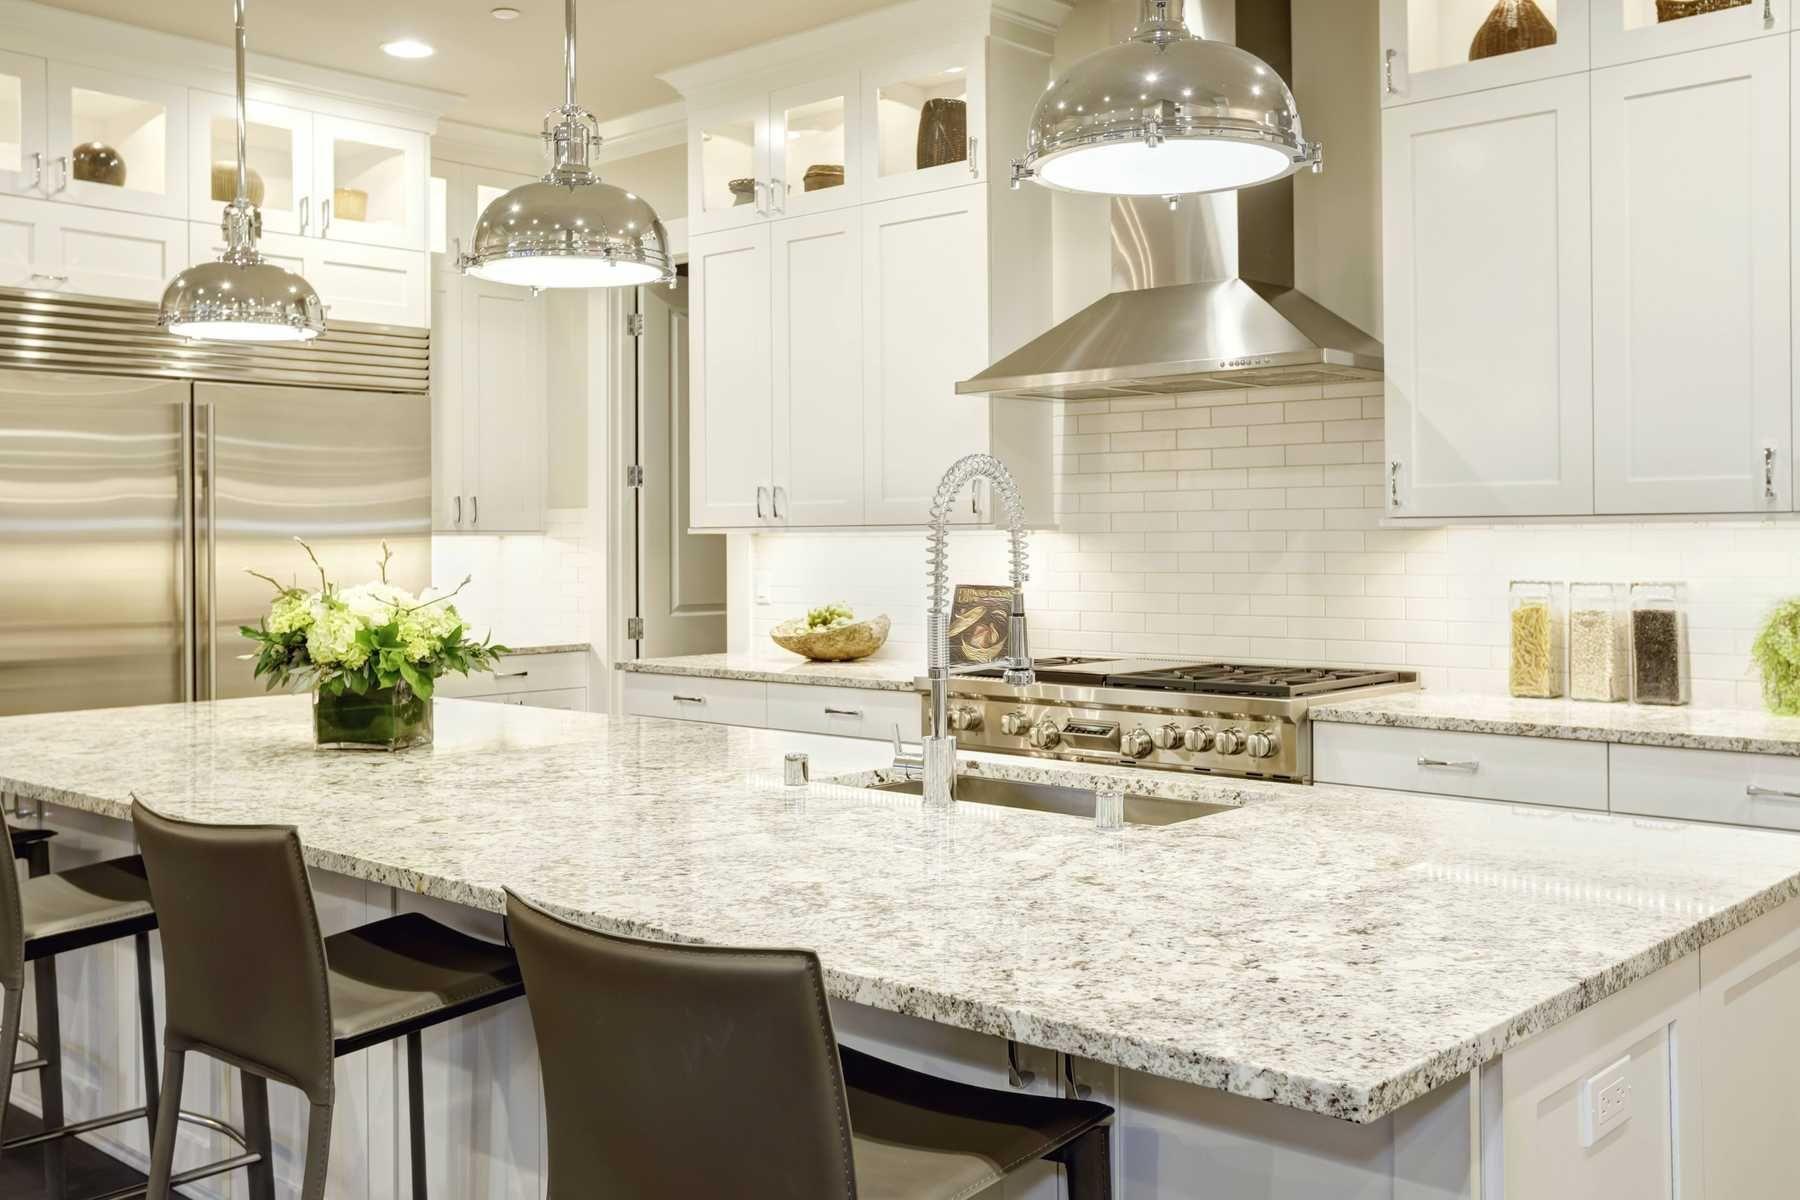 trang trí nhà bếp với bàn ăn bằng đá sang trọng, bền bỉ